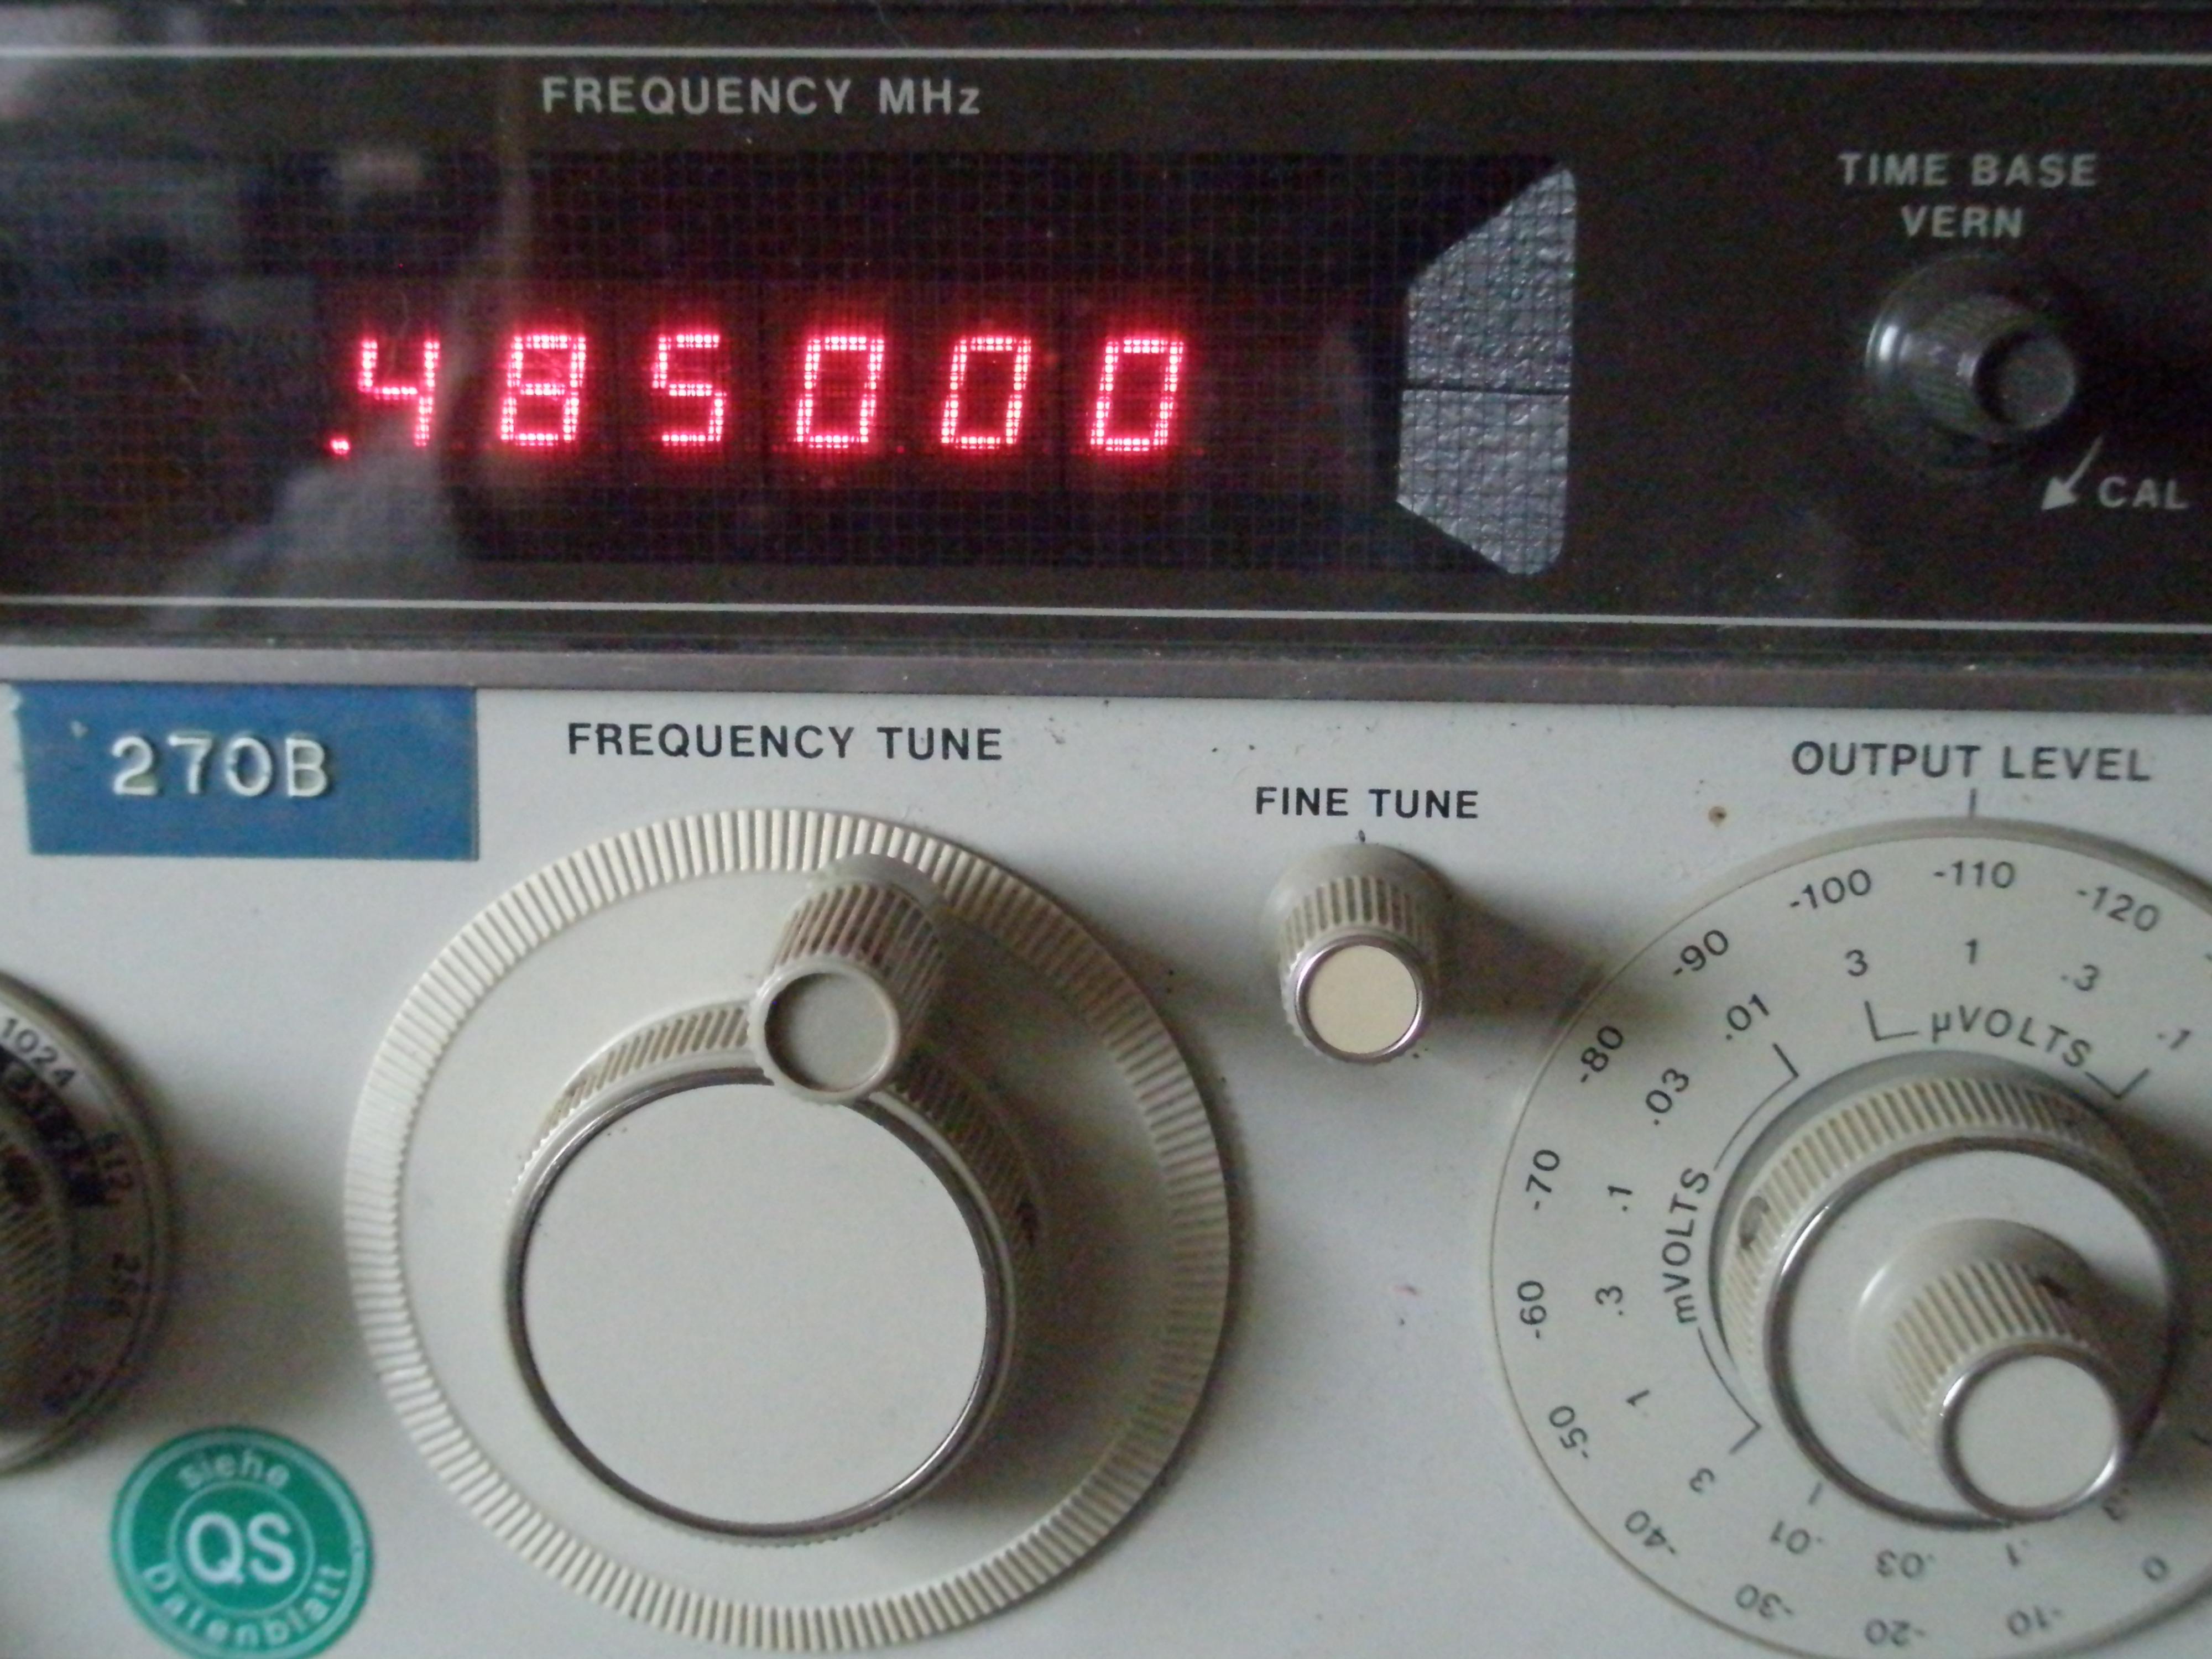 Equipo electronico radioexperto.com